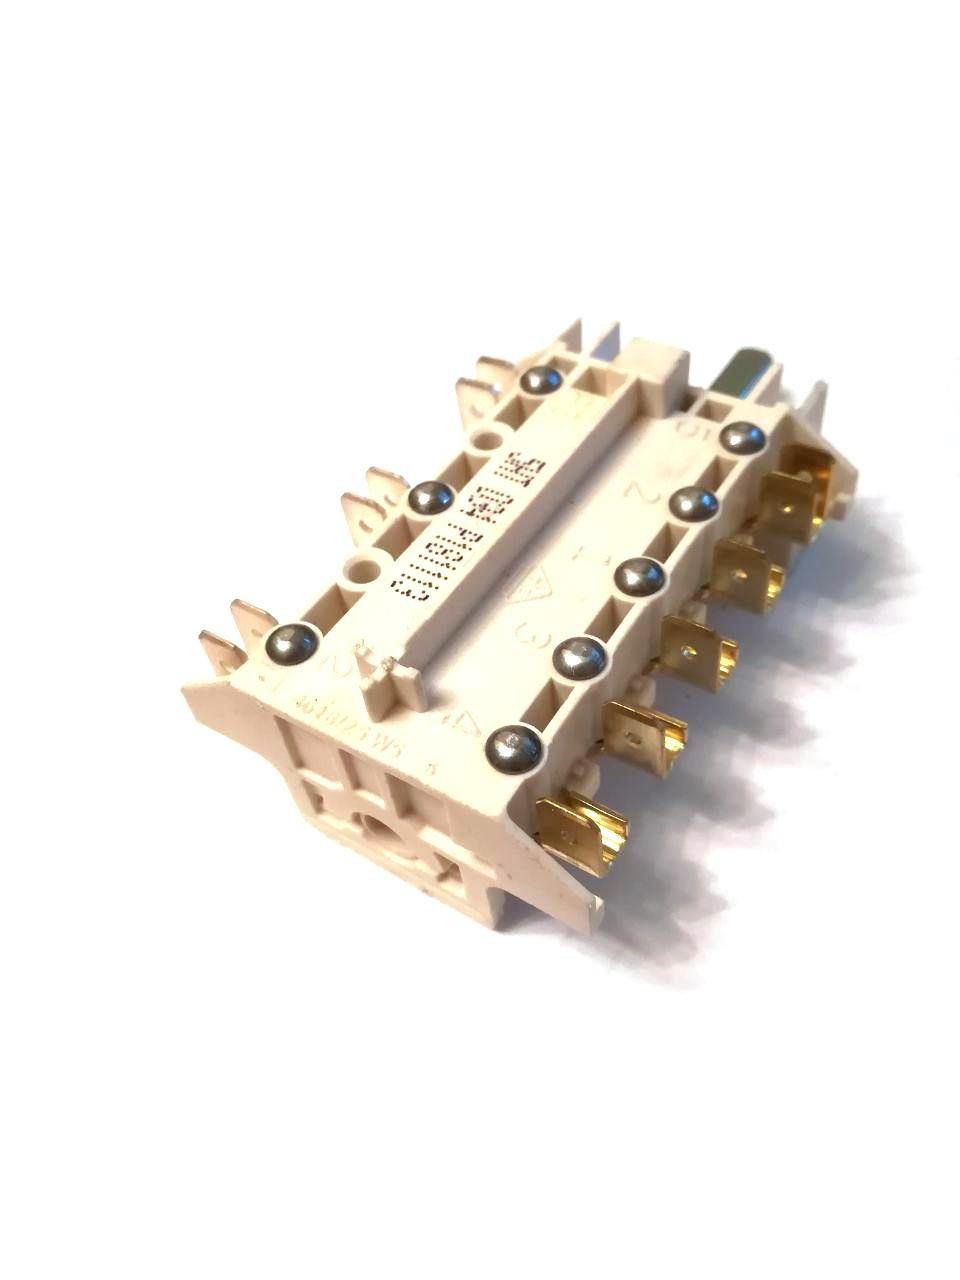 Переключатель 7-ми позиционный ПМ 034 для электроплит Италия